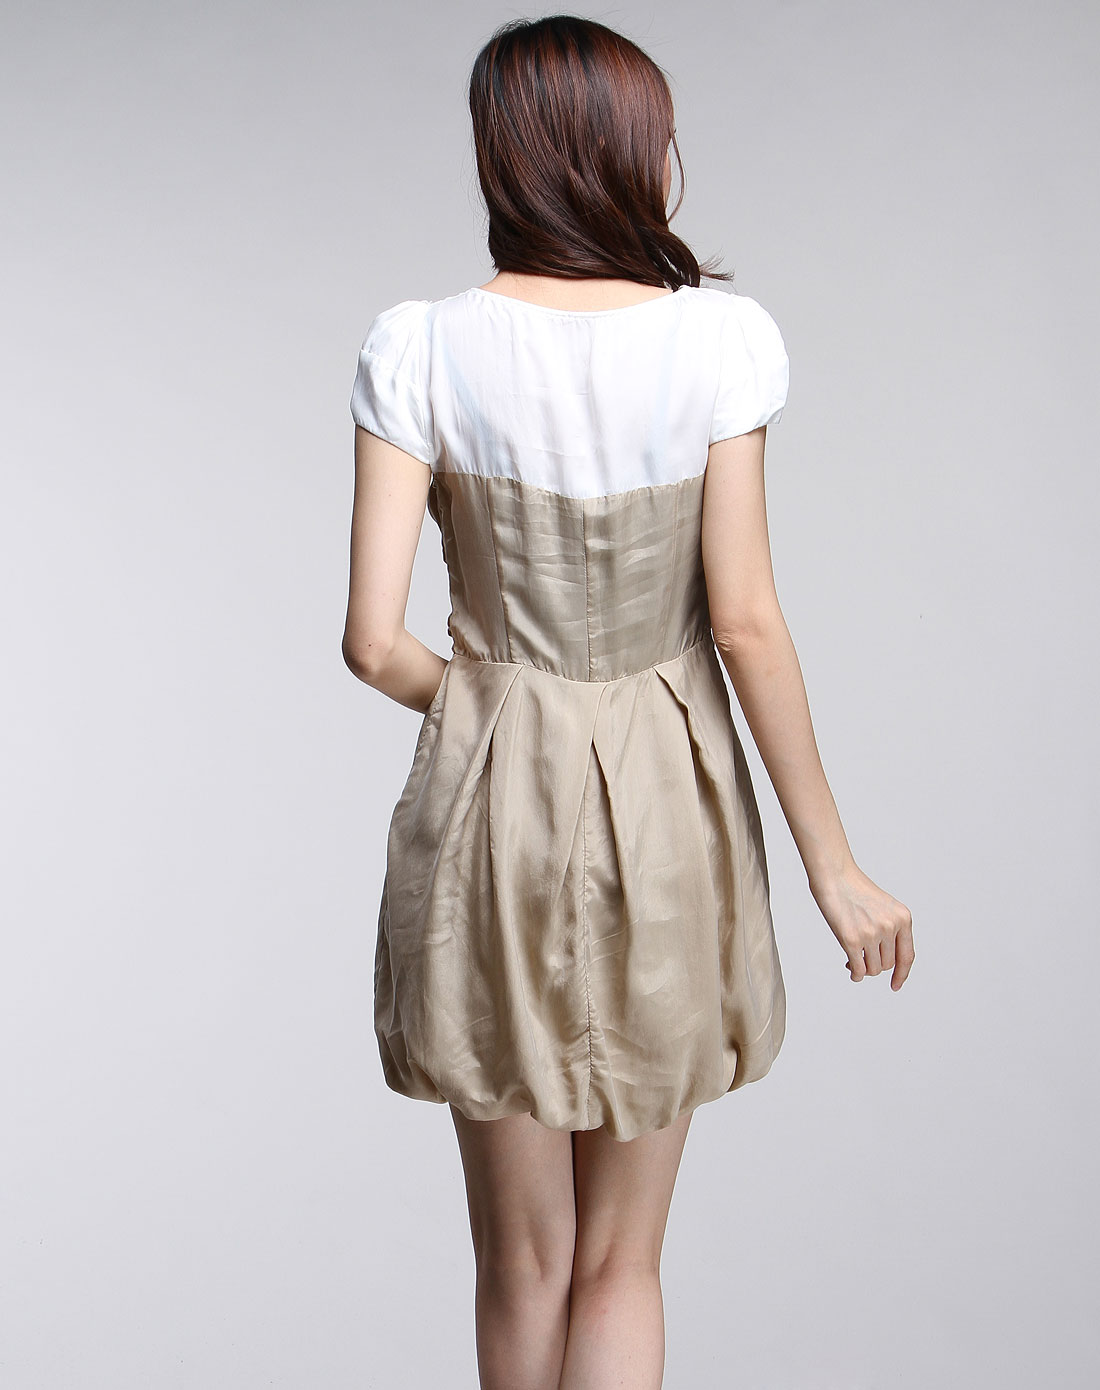 傲丝度isayido女装专场-女款卡其/白色短袖连衣裙